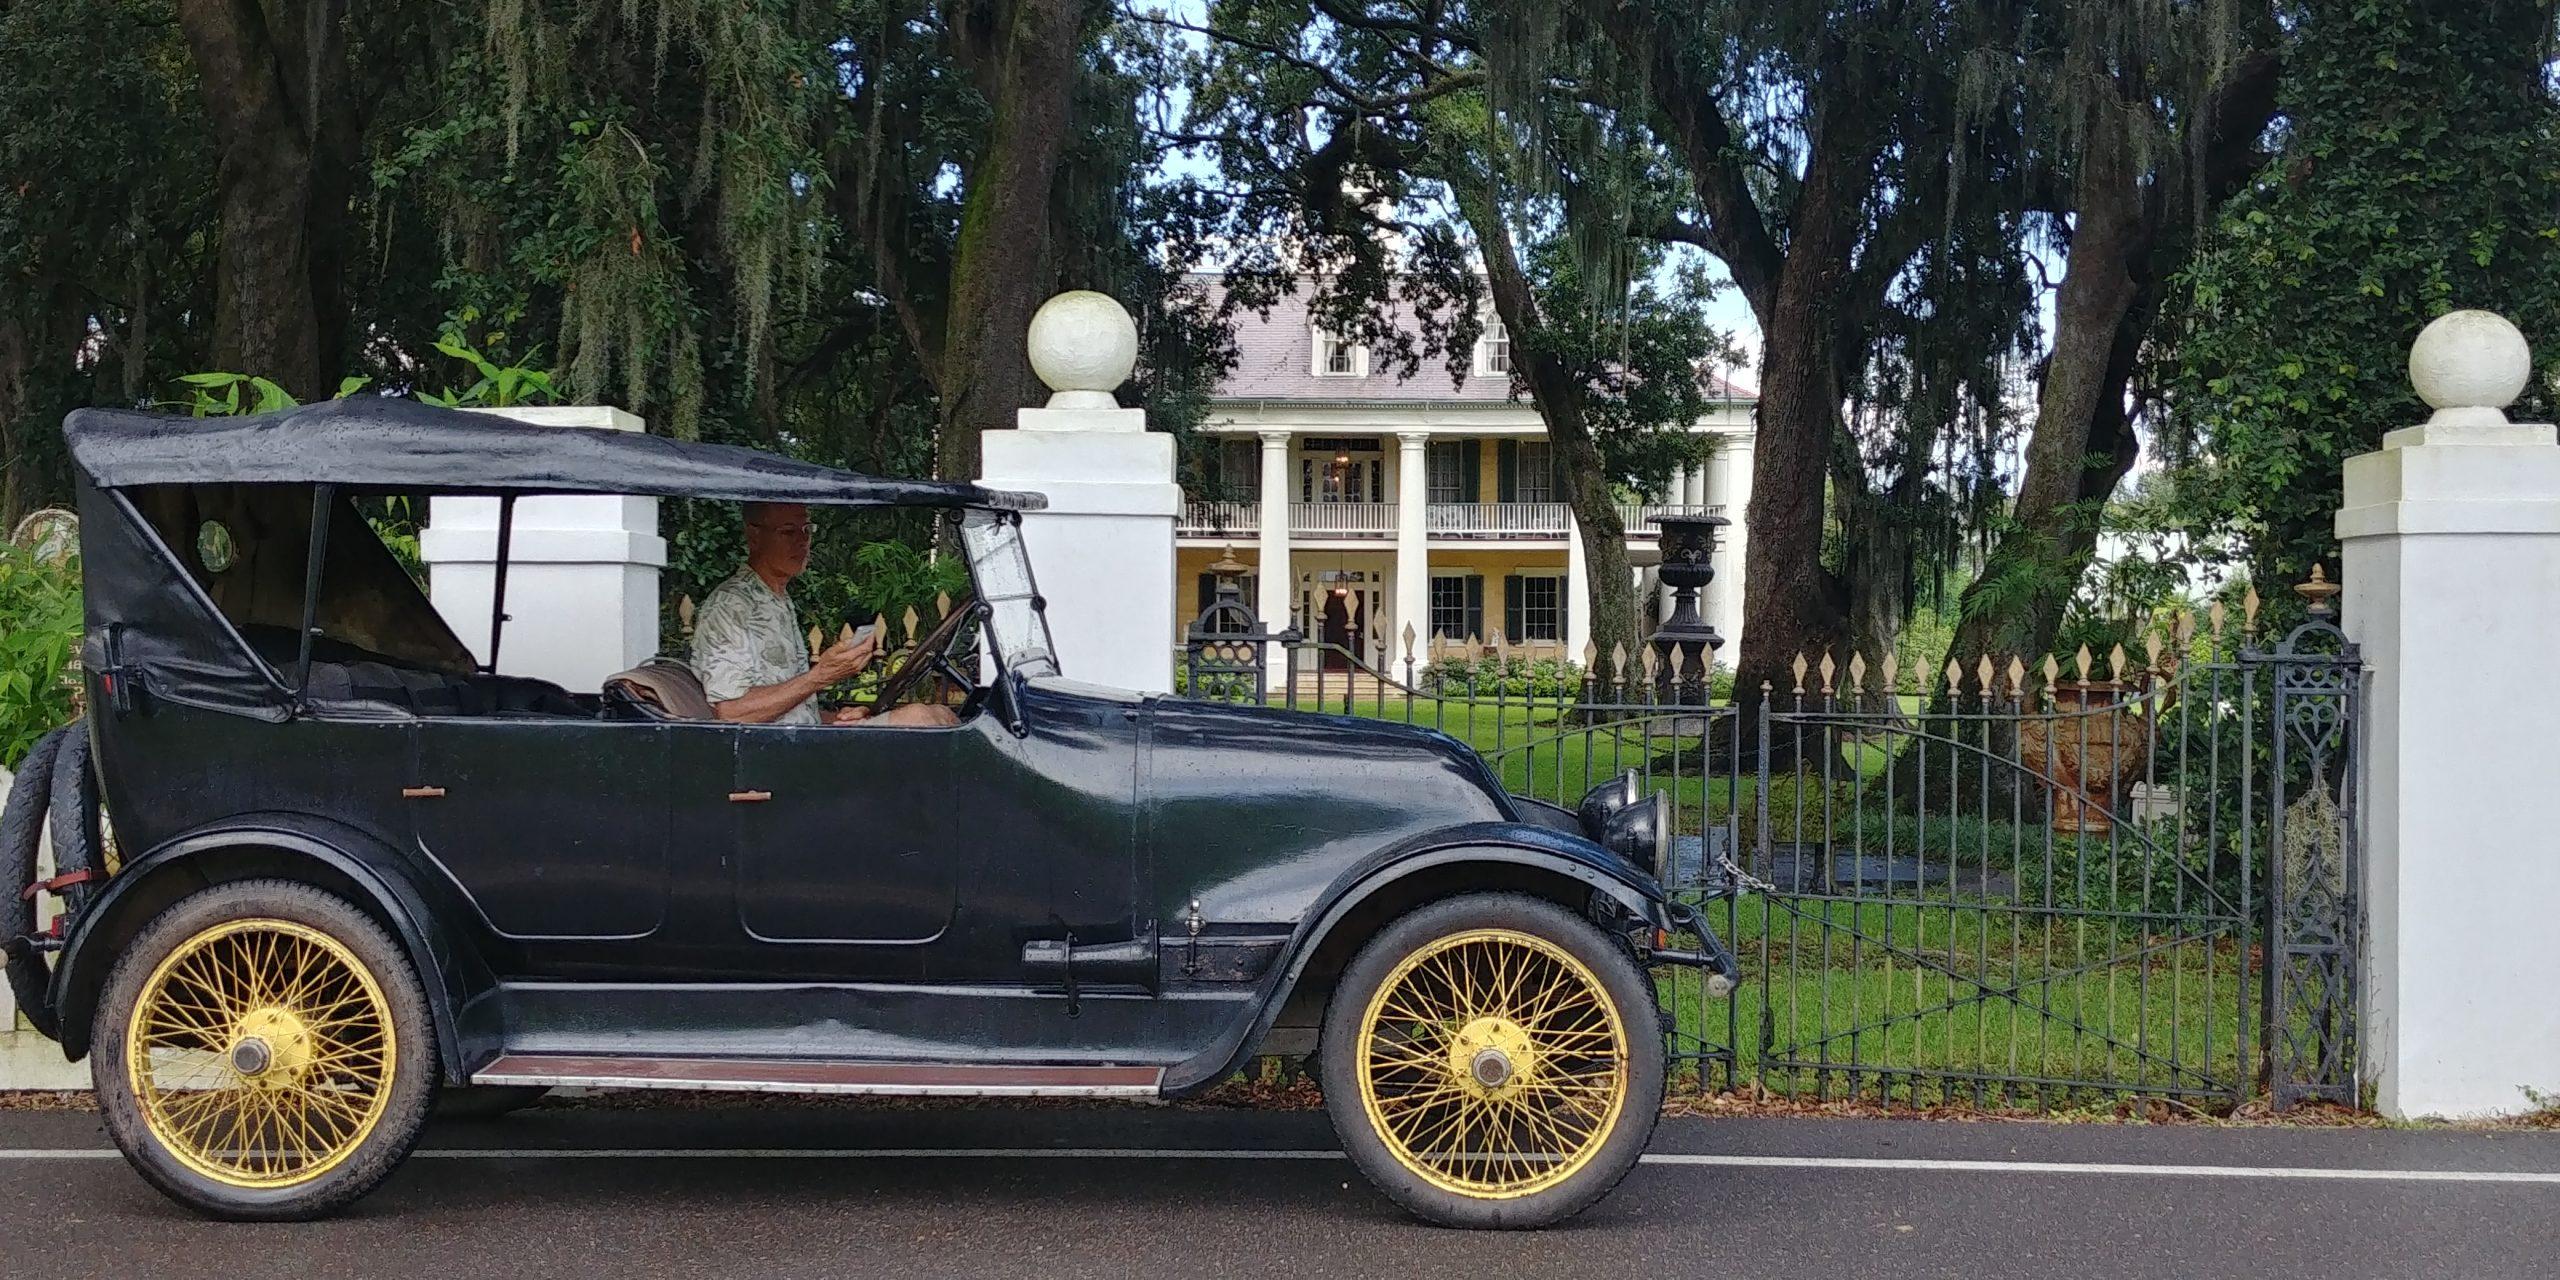 1919 Franklin southern plantation